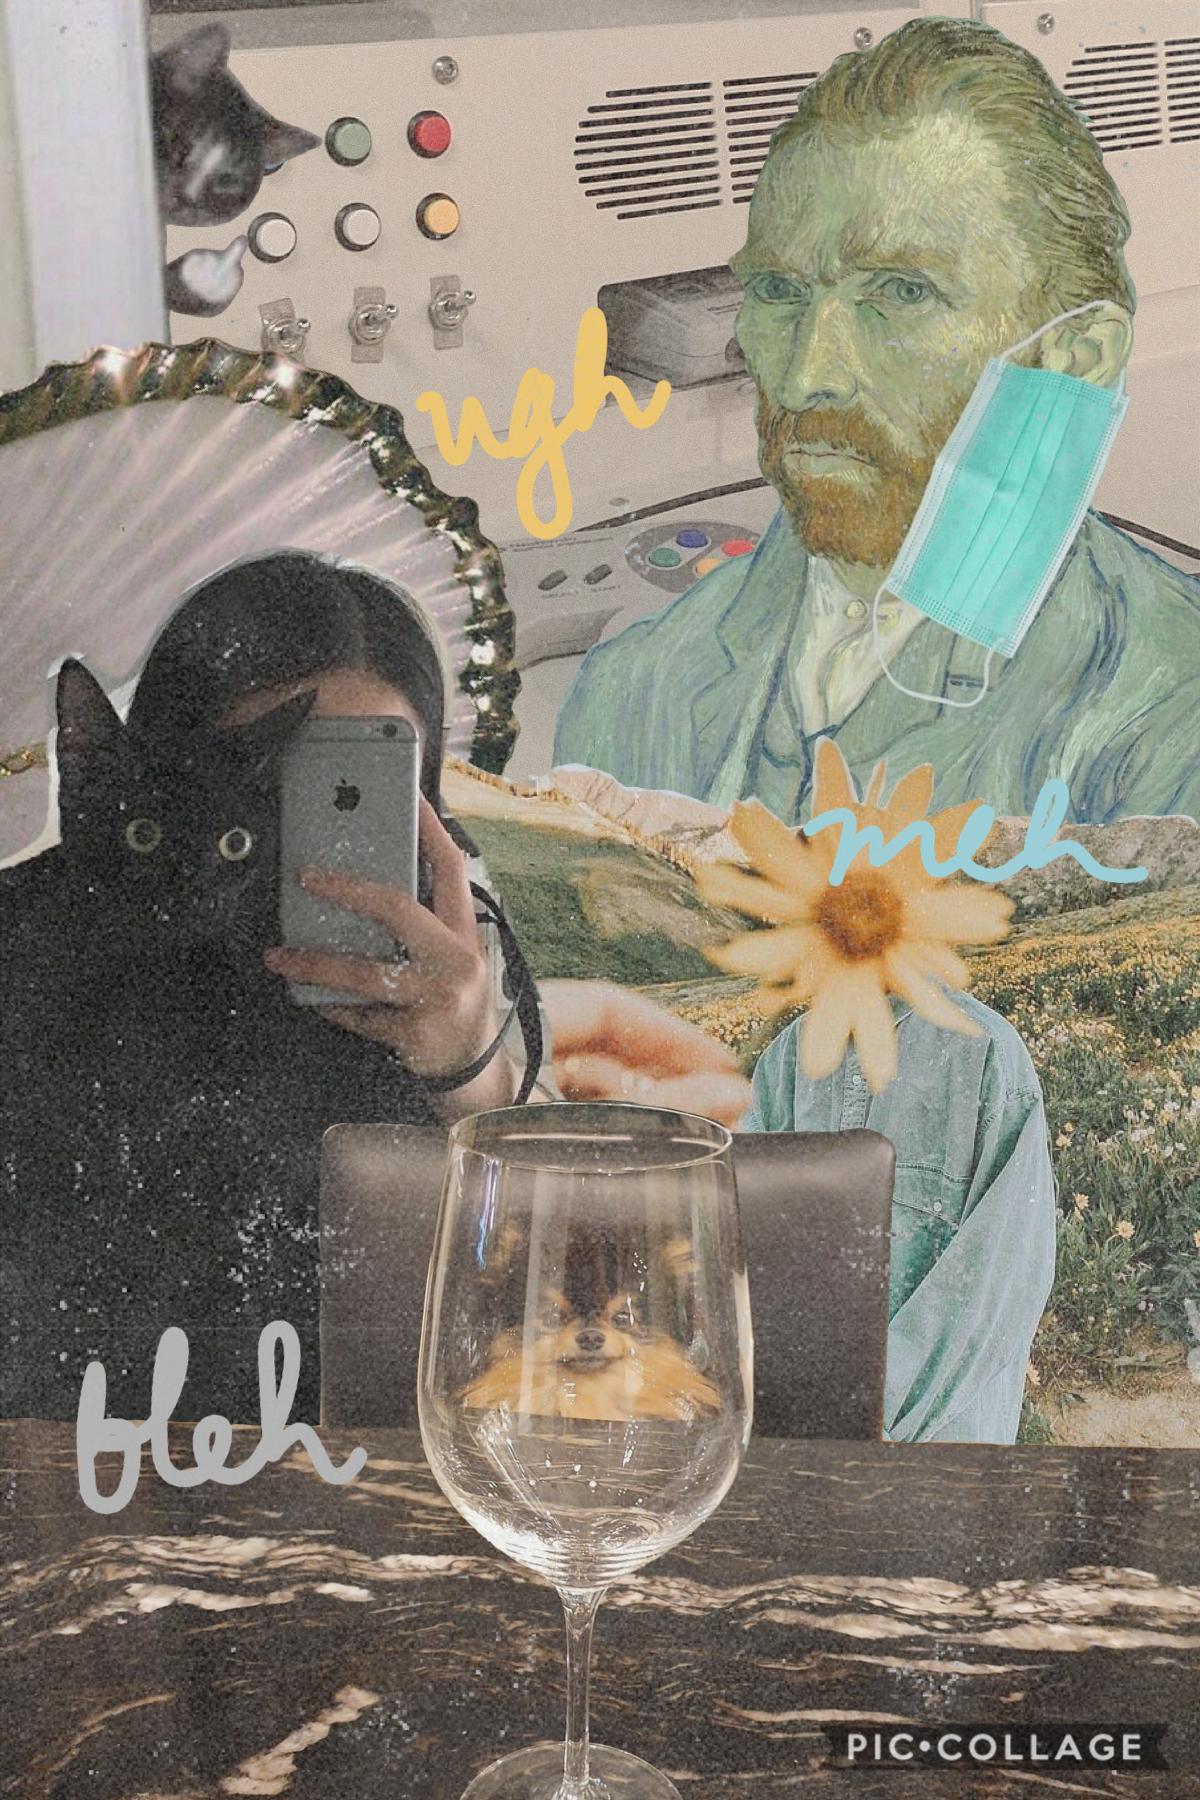 hi here's a random collage heh kbyee